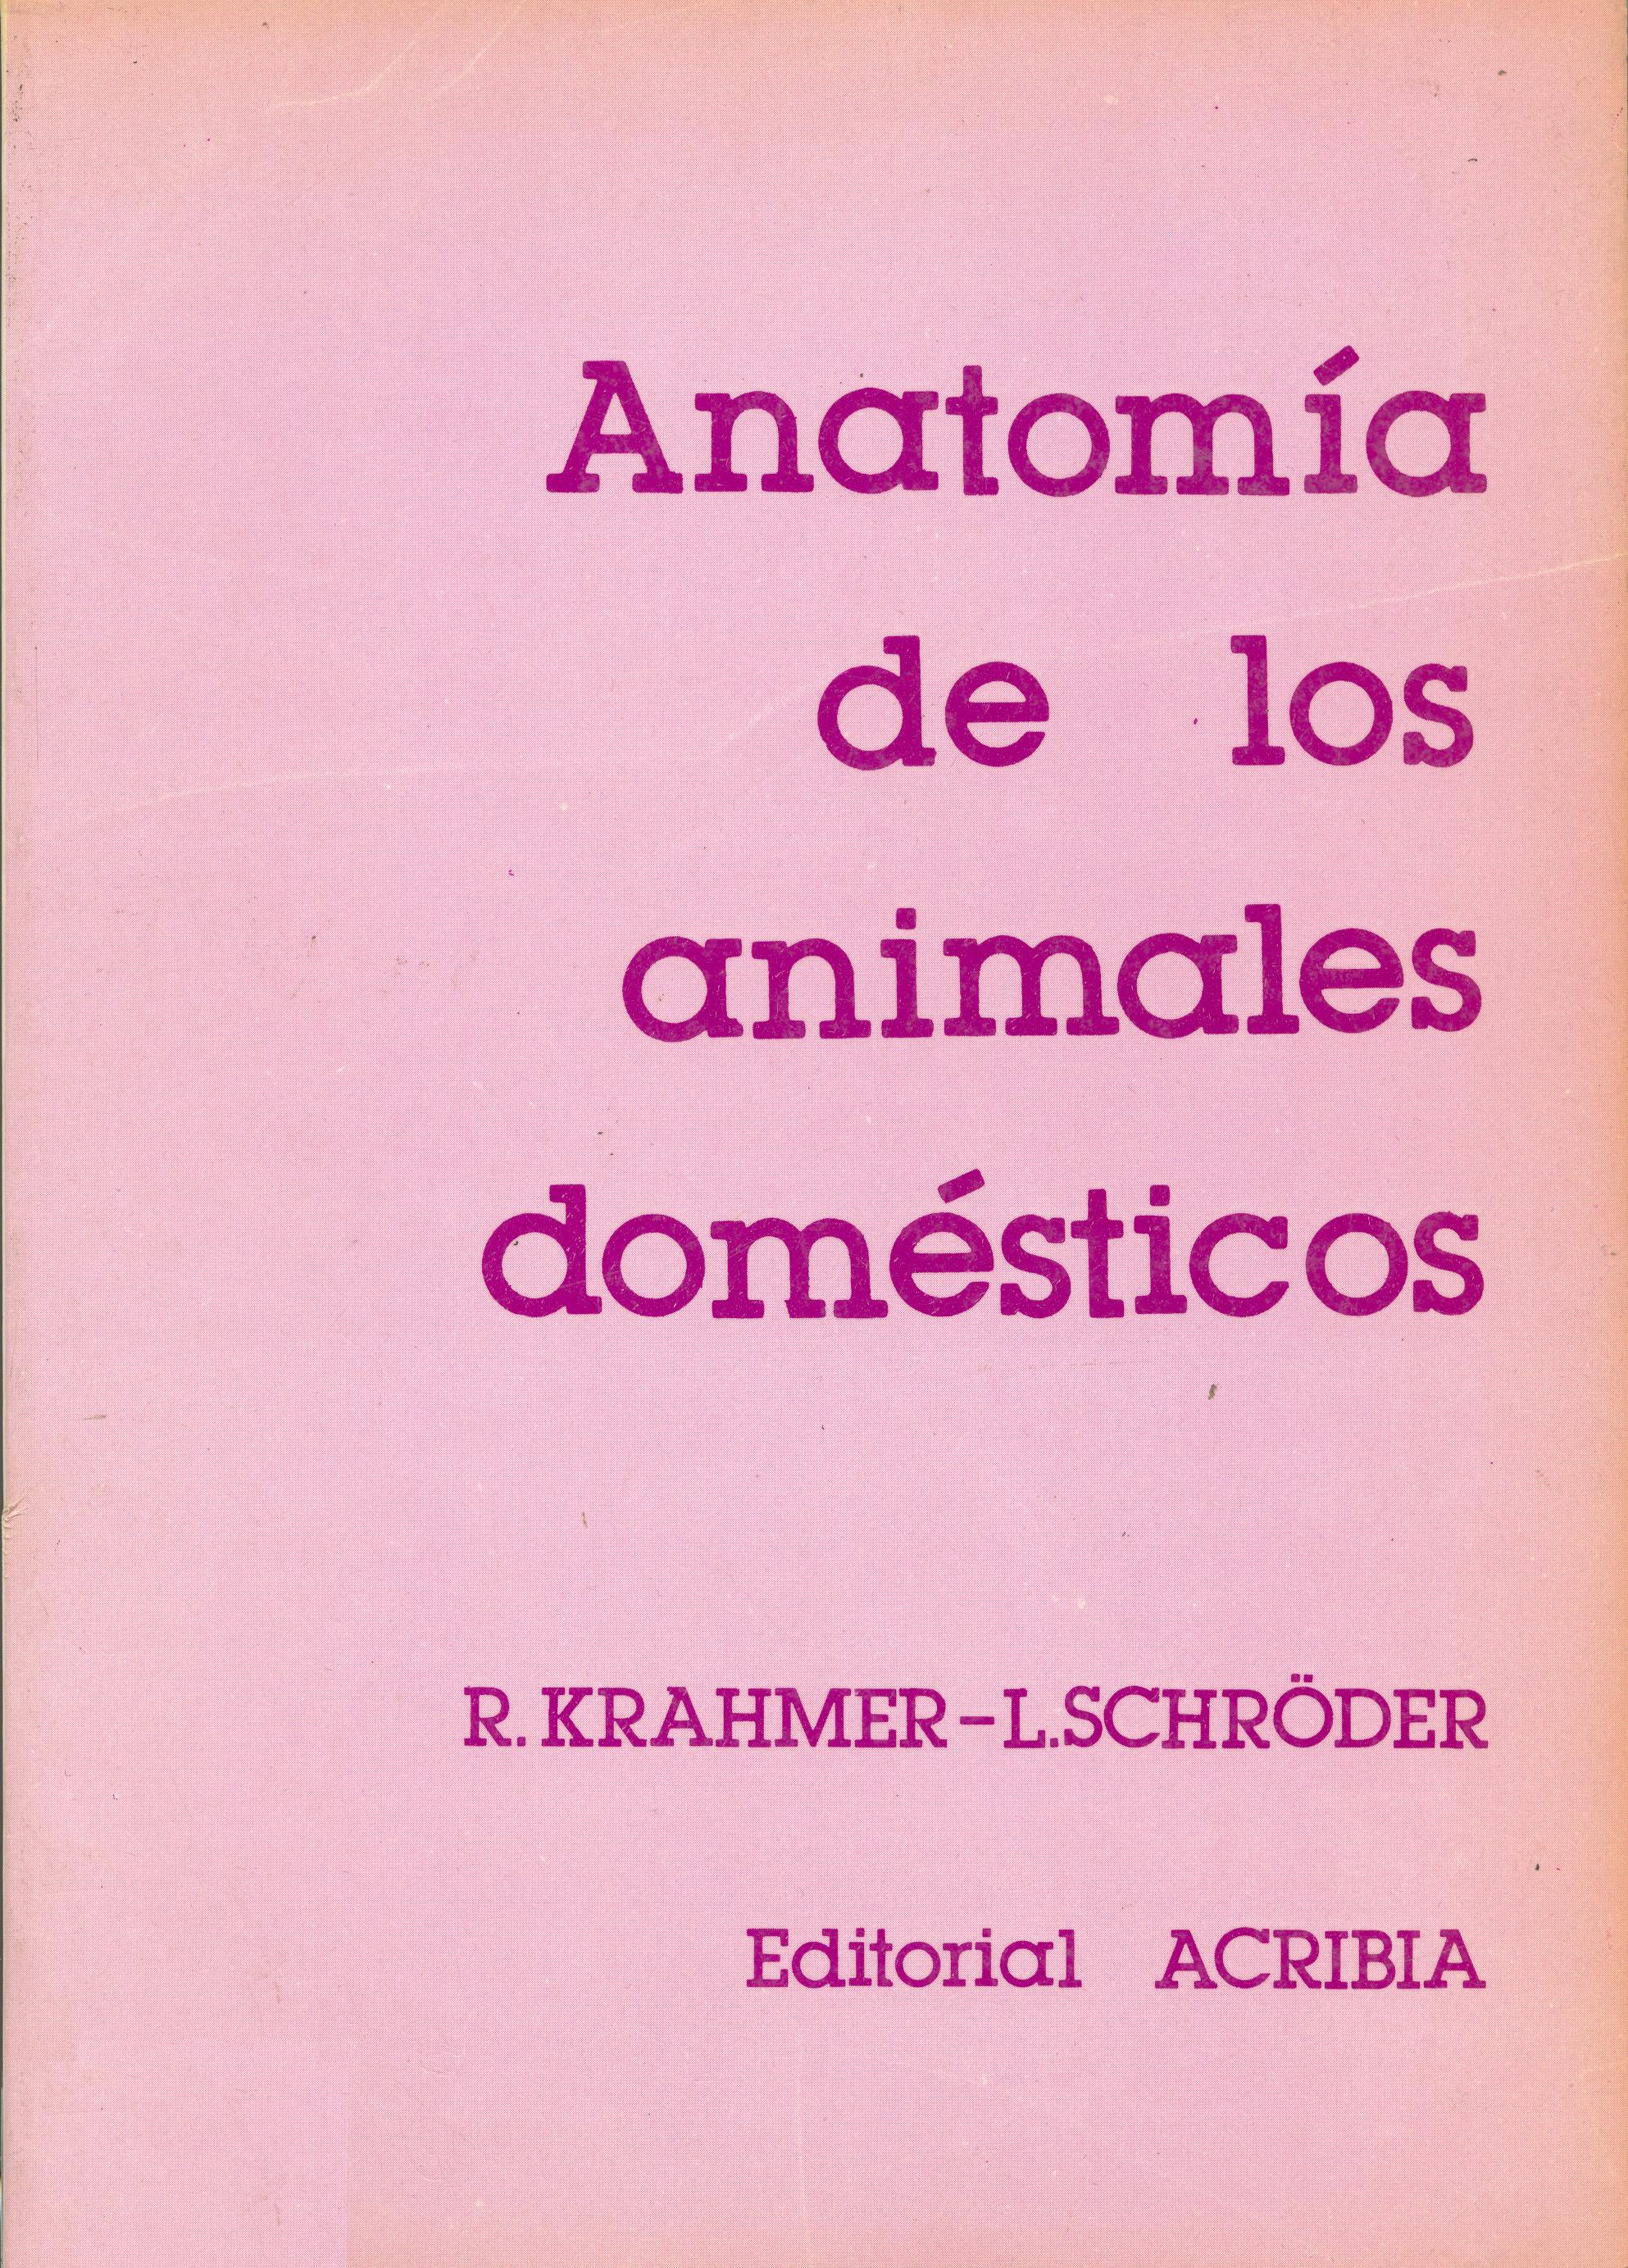 Anatomía de los animales domésticos - Editorial Acribia, S.A.